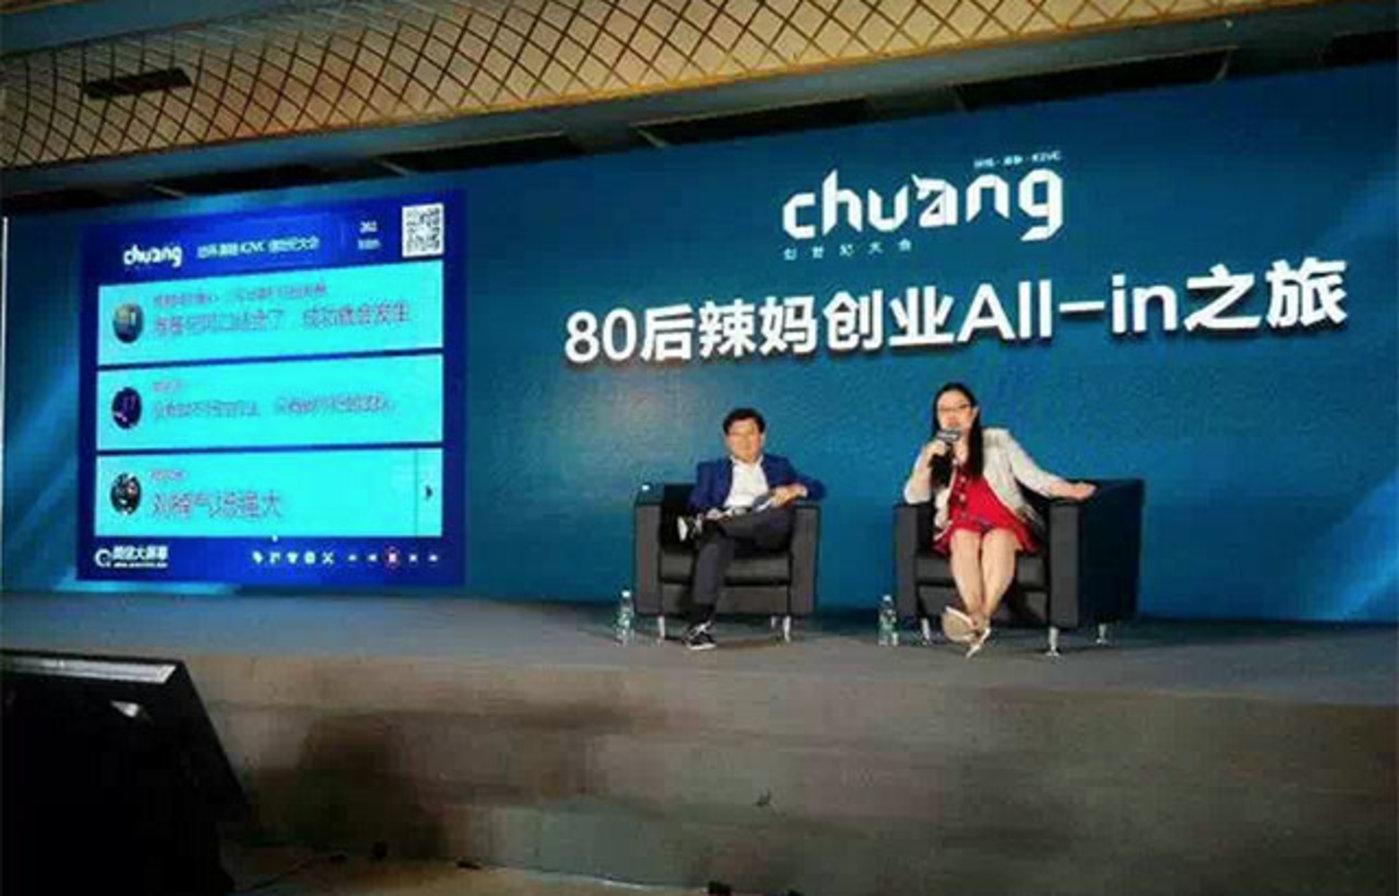 蜜芽宝贝刘楠:创业纯属误打误撞,假货危机遭媒体敲诈400万-钛媒体官方网站